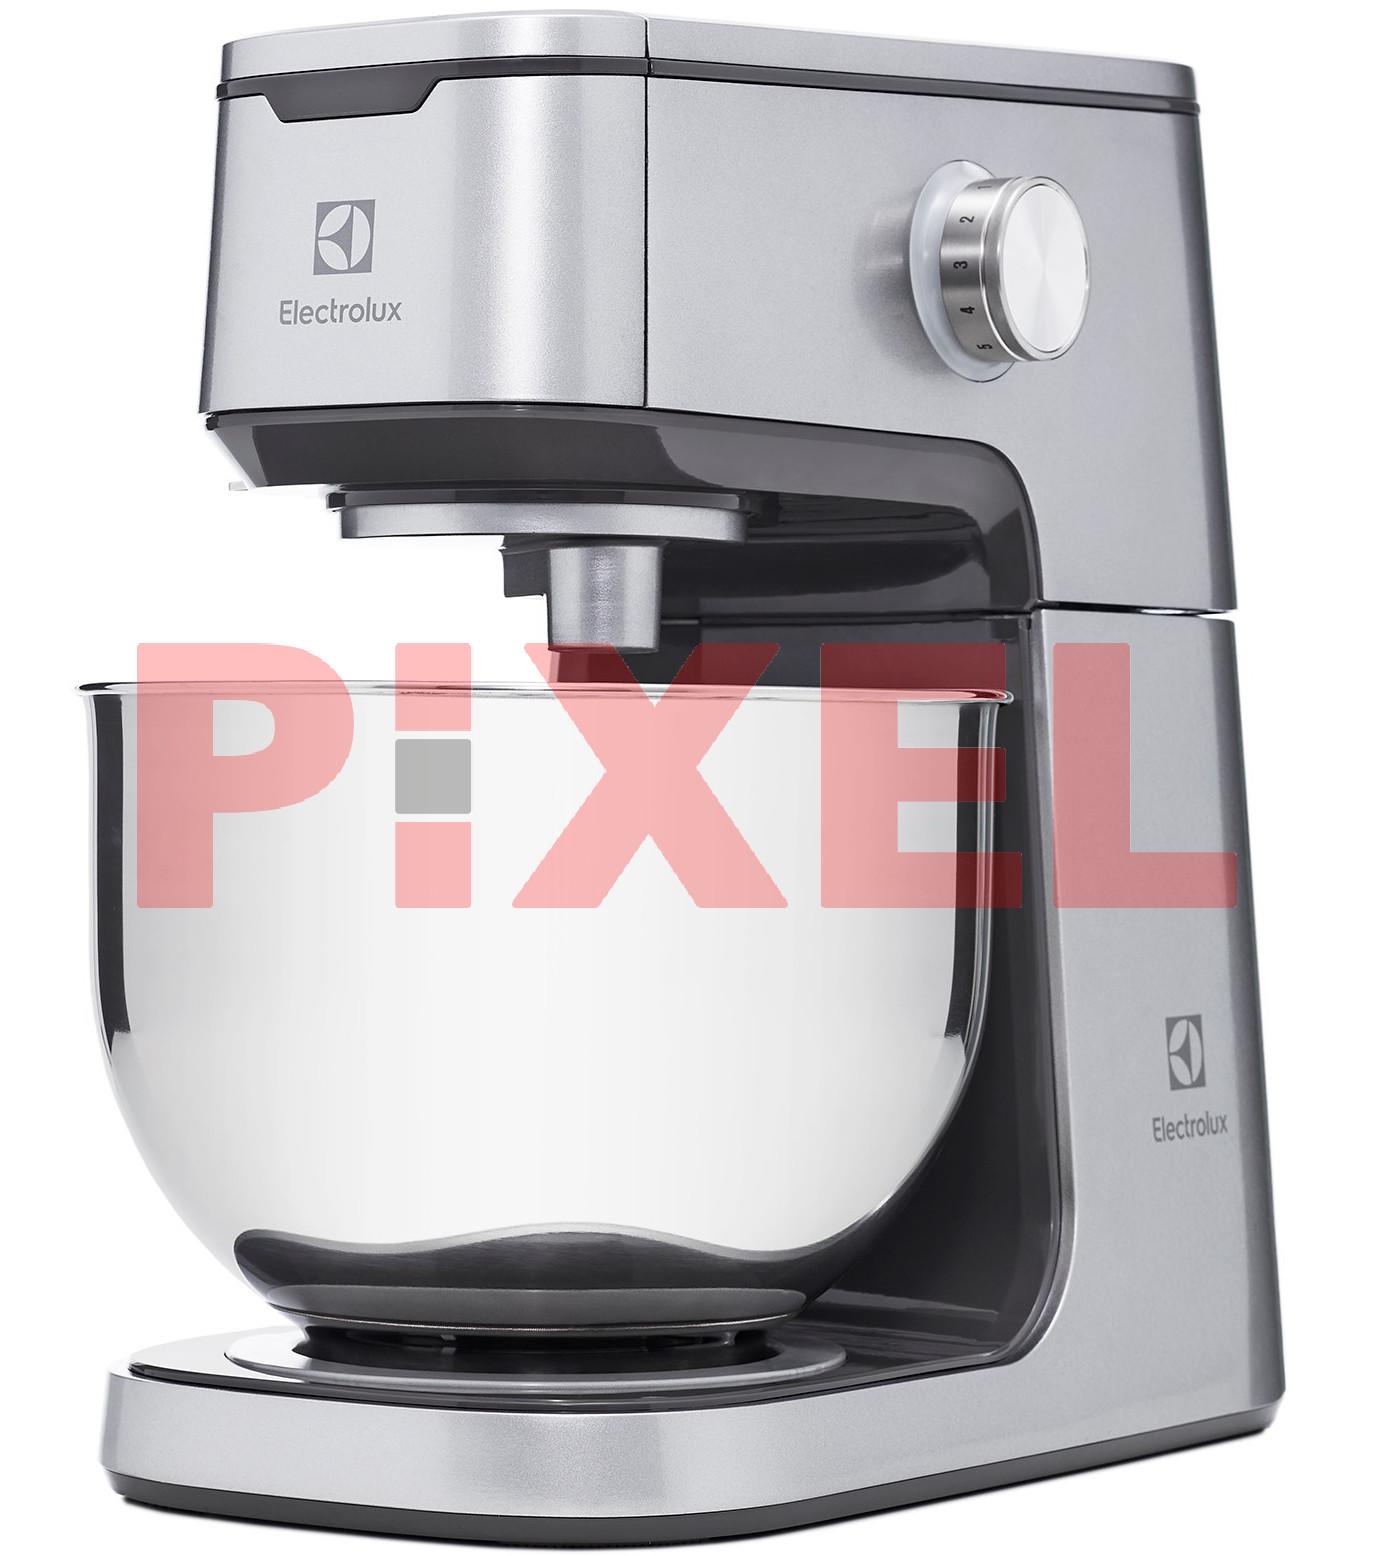 Robot kuchenny electrolux EKM7300